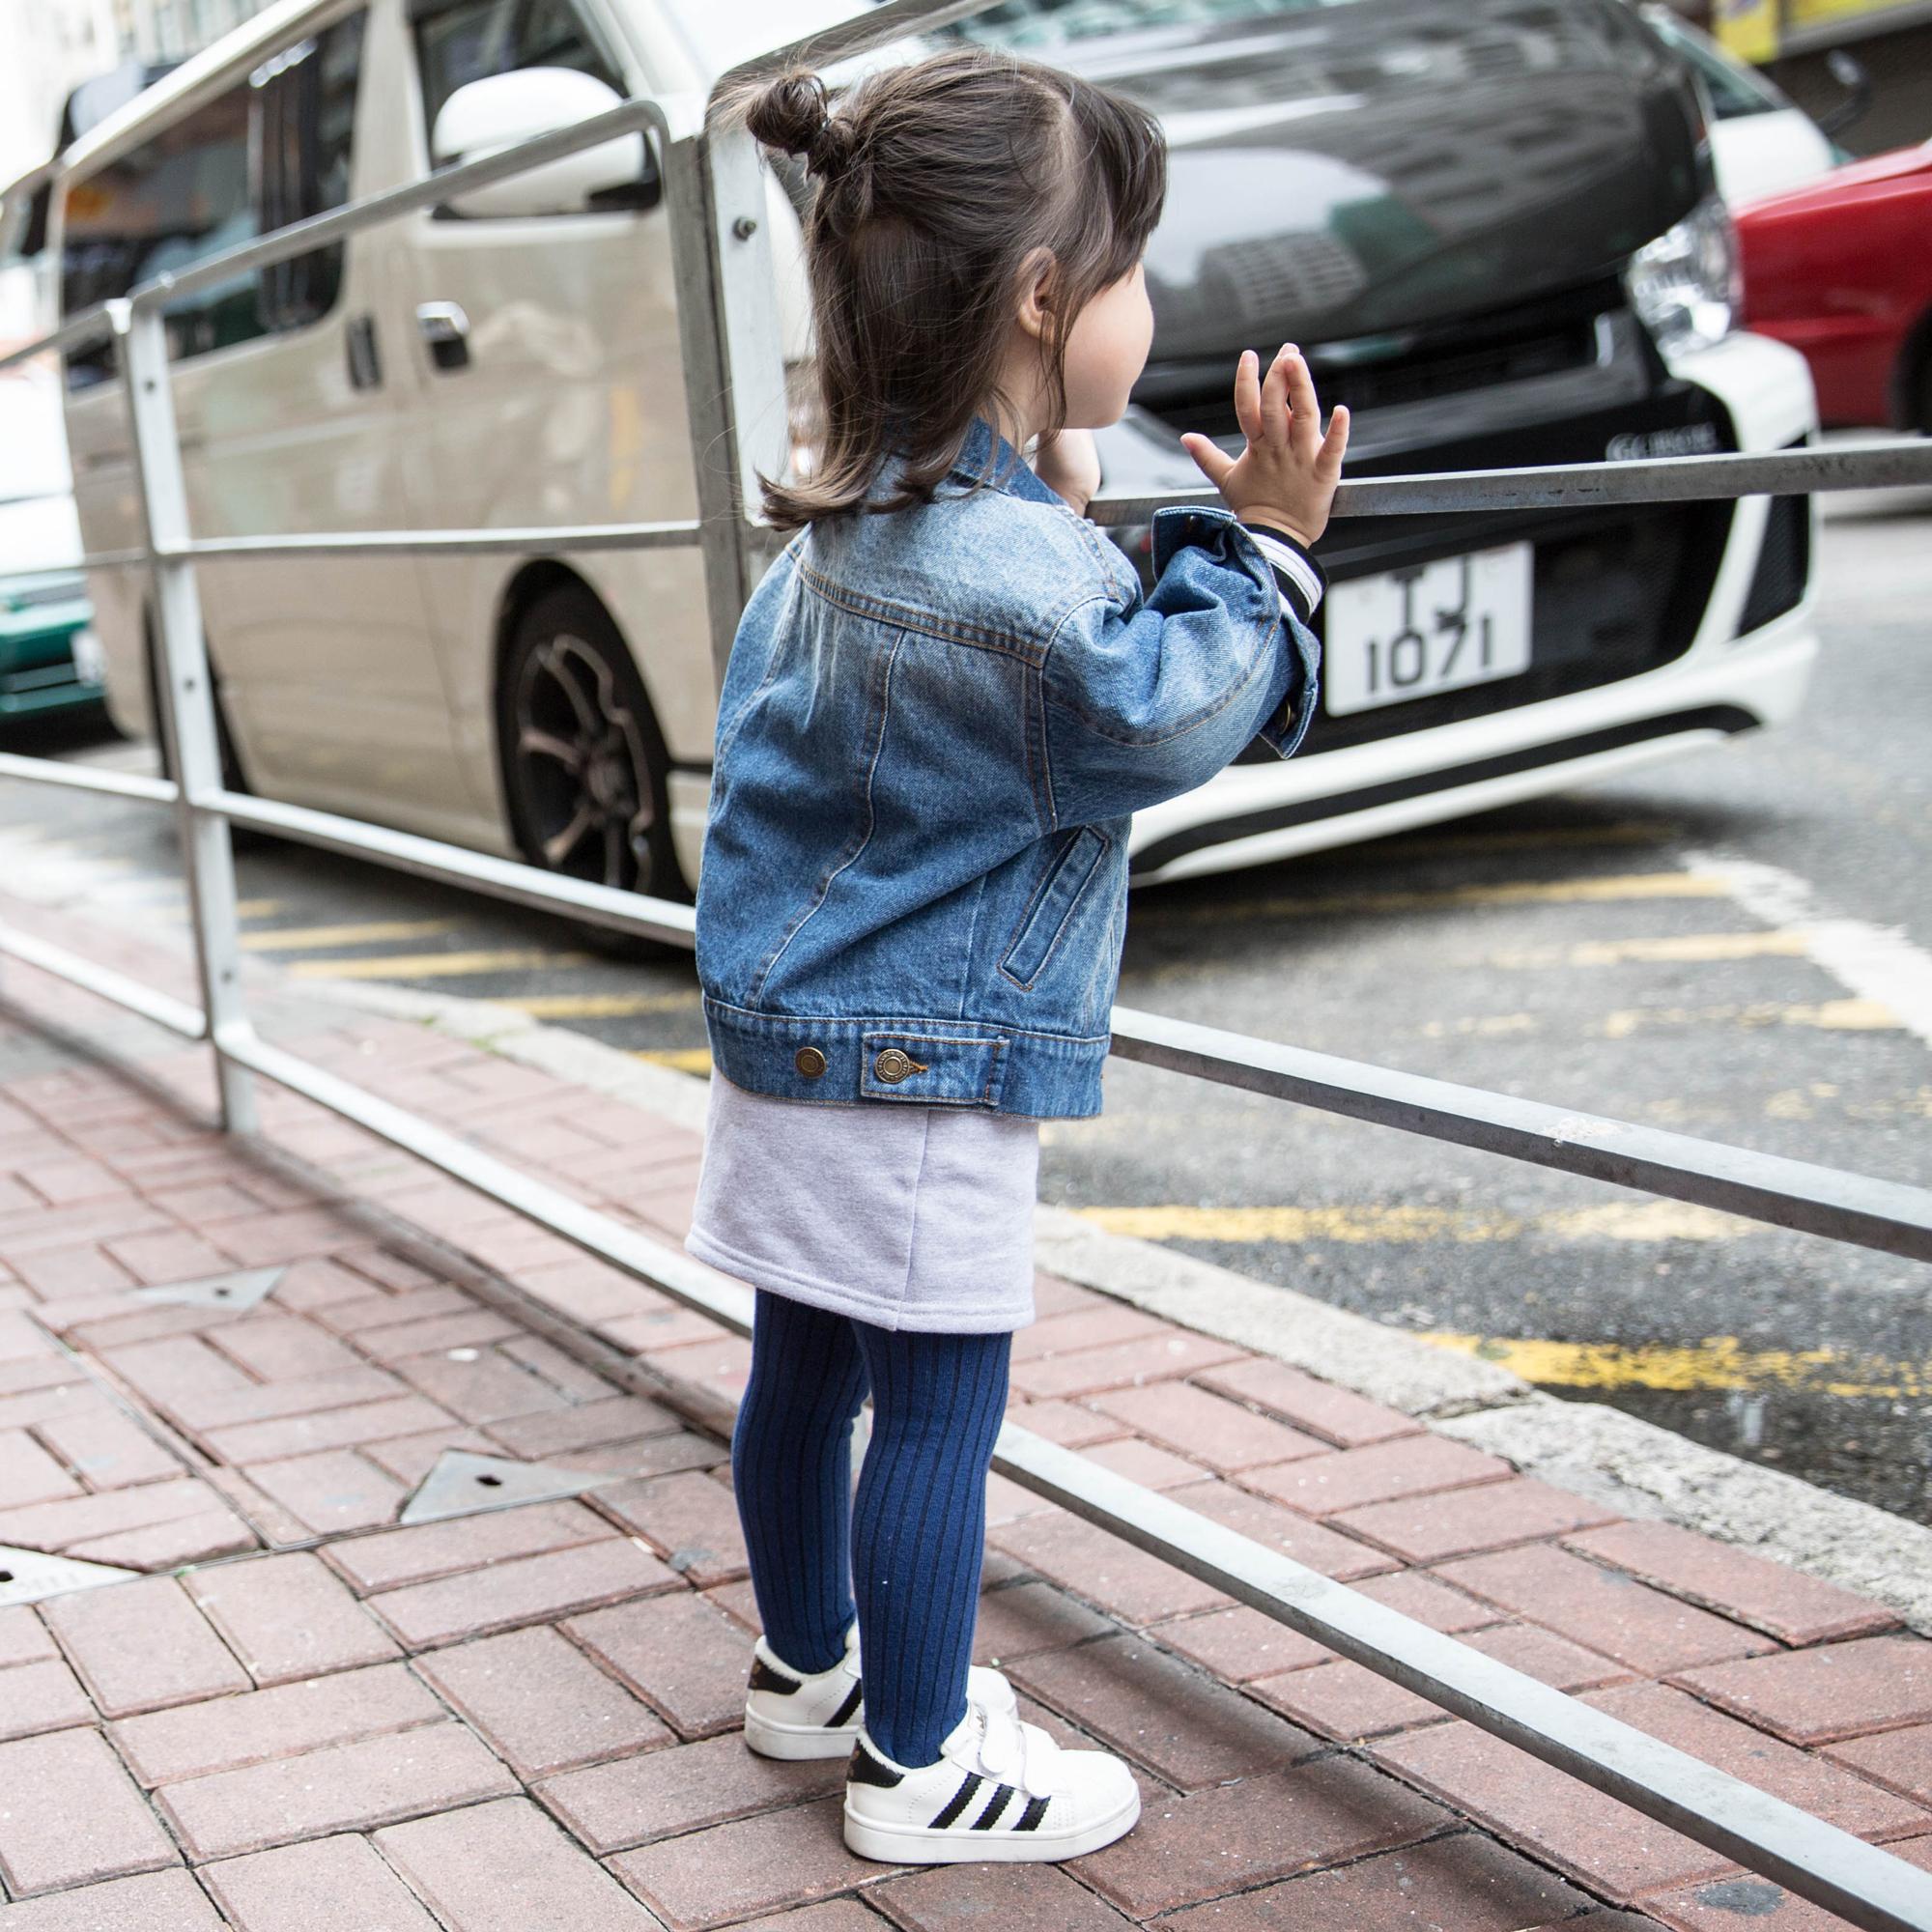 蓝小爸女童牛仔外套2019新款春秋装儿童韩版童装宝宝短款洋气上衣